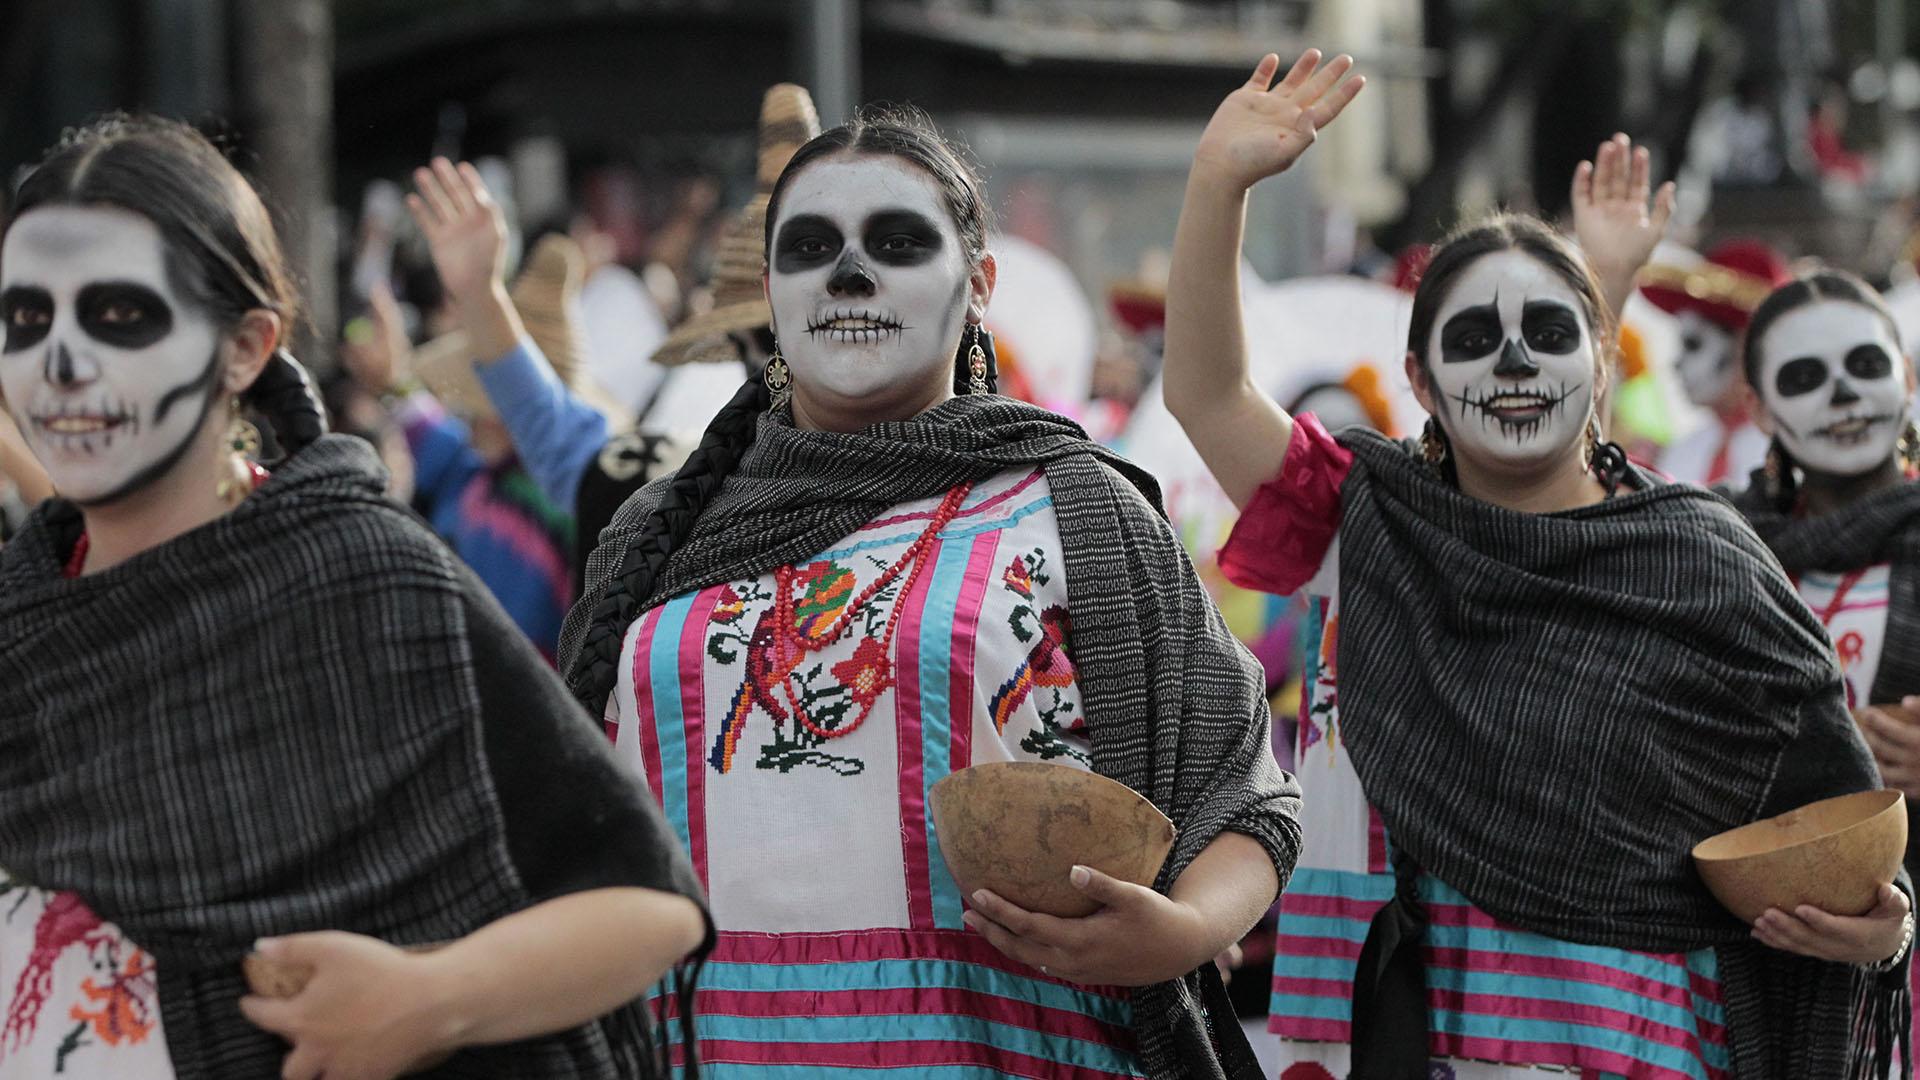 En la zócalo capitalino se instaló también la tradicional ofrenda monumental, que esta año rinde homenaje a los migrantes que han perdido su vida en su búsqueda de mejores oportunidades